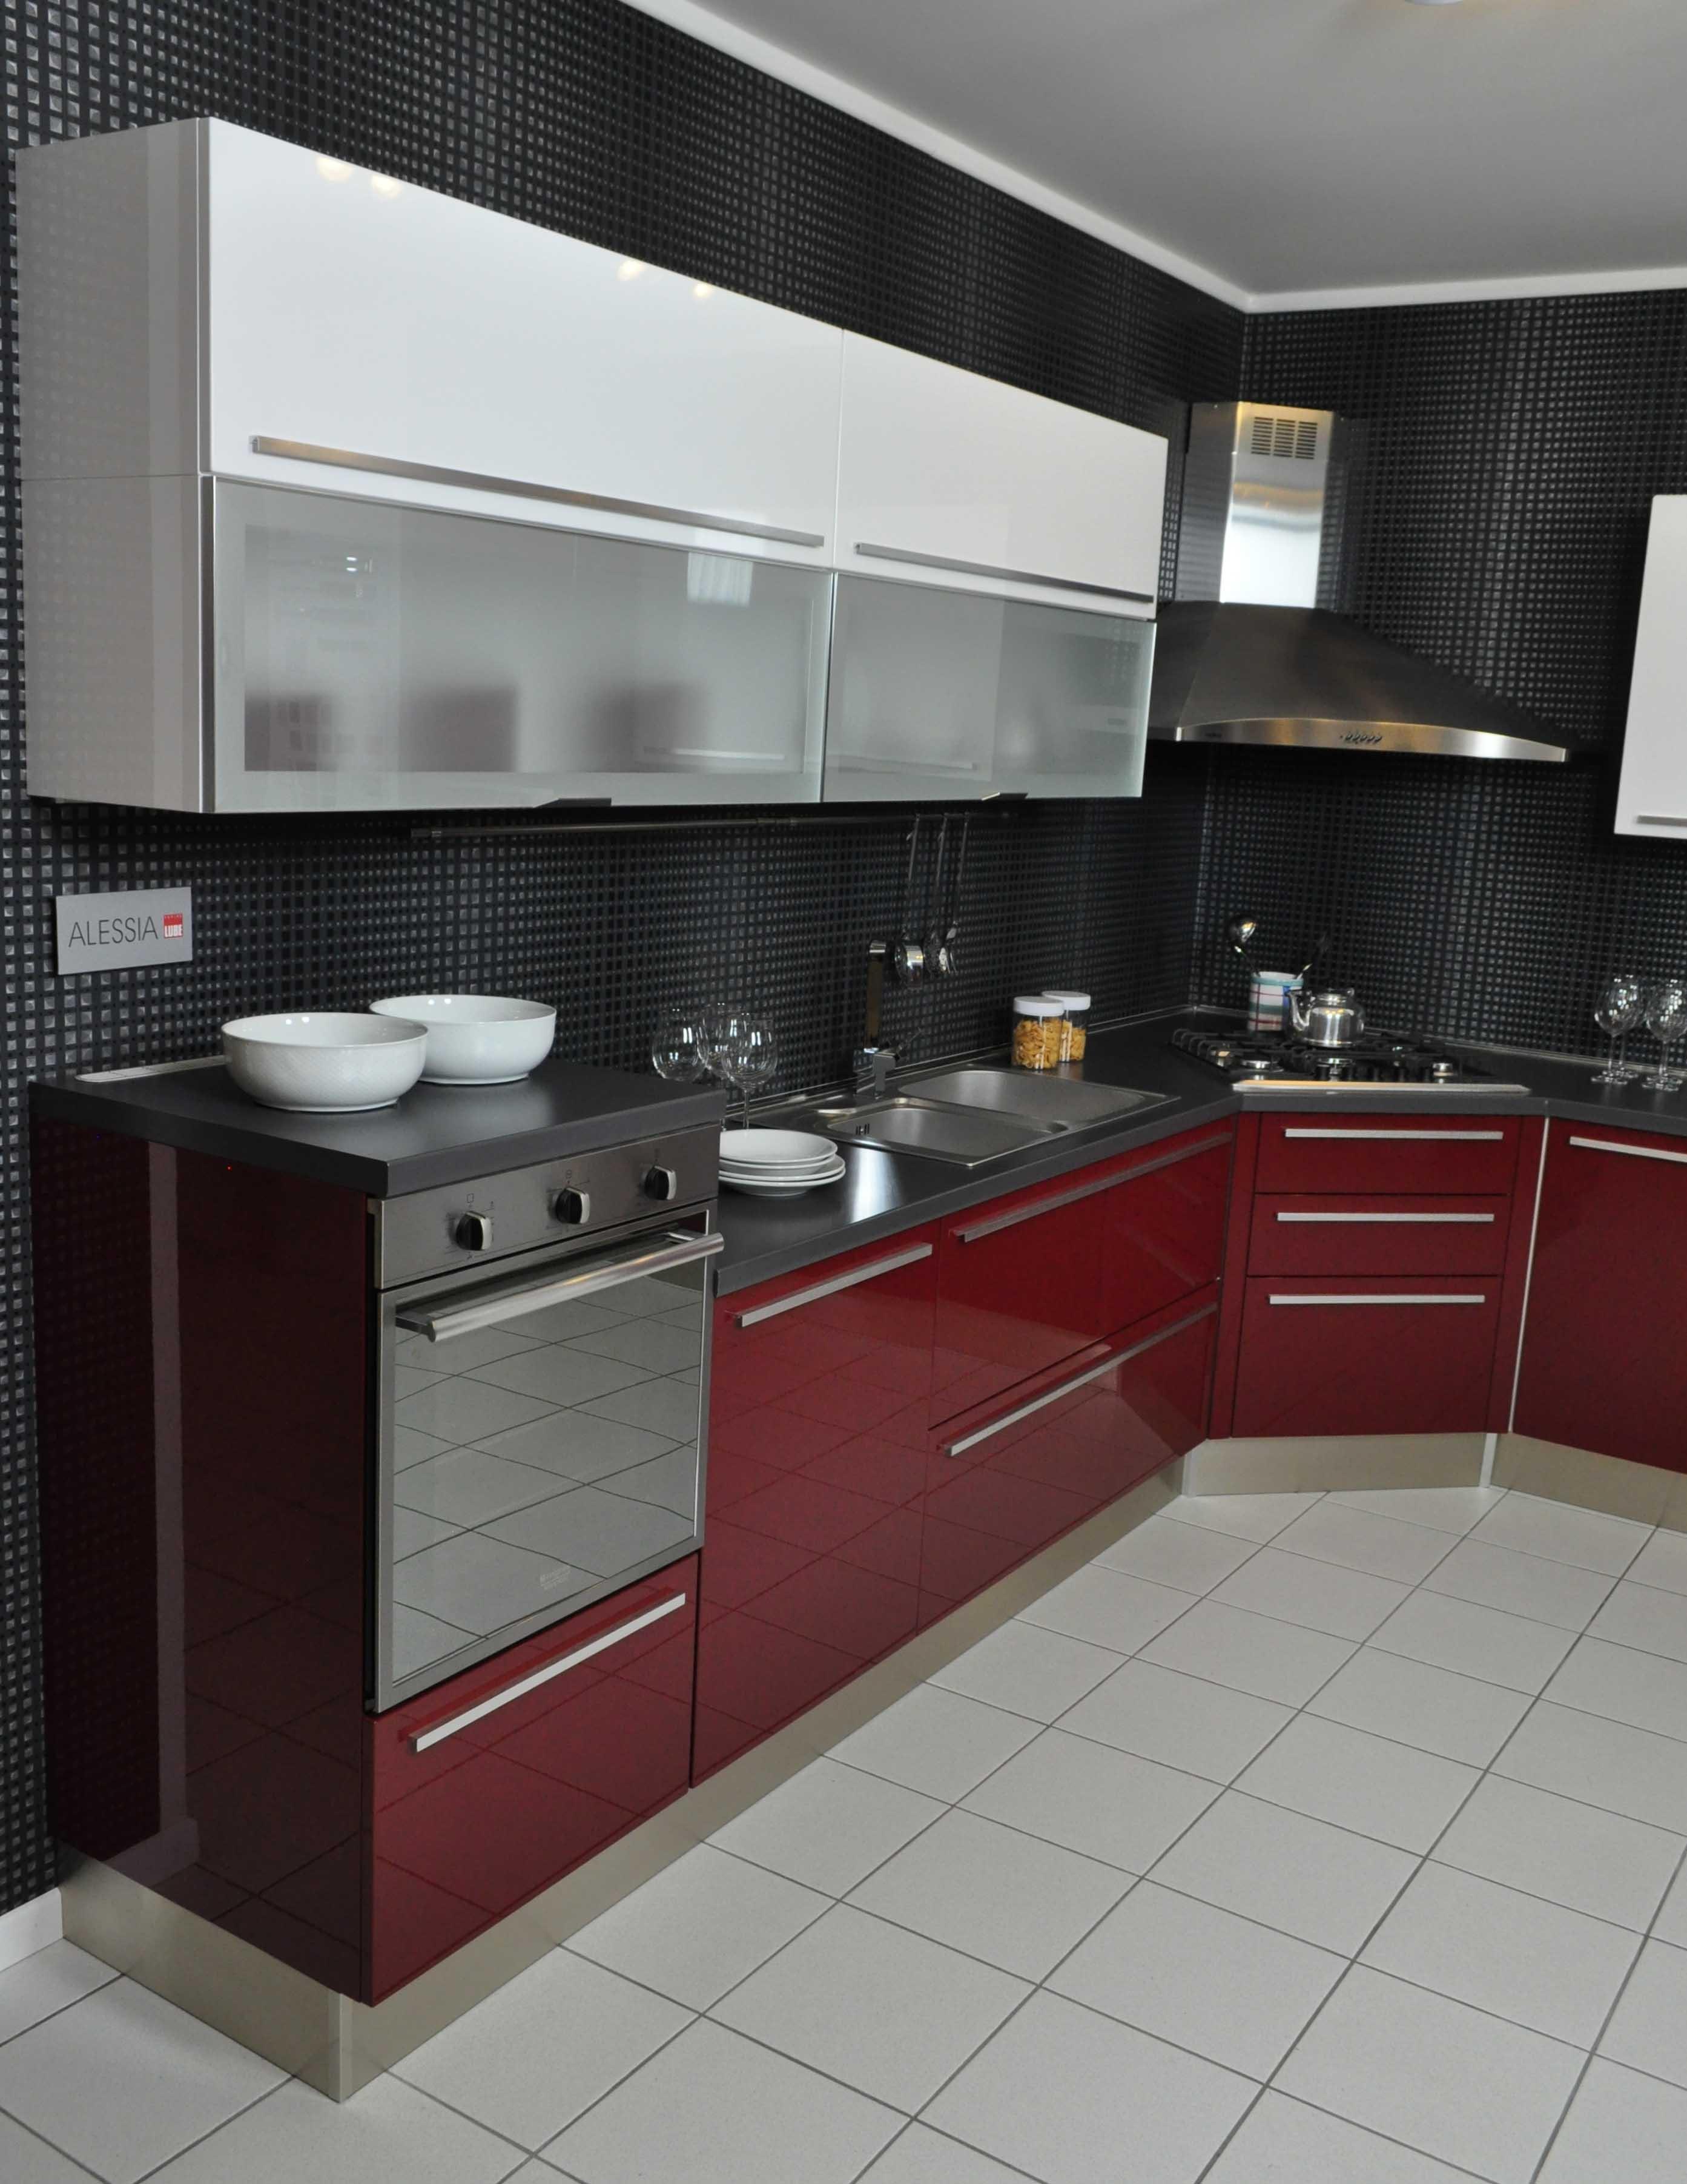 Cucina lube modello alessia completa di elettrodomestici e for Accessori per cucina moderna